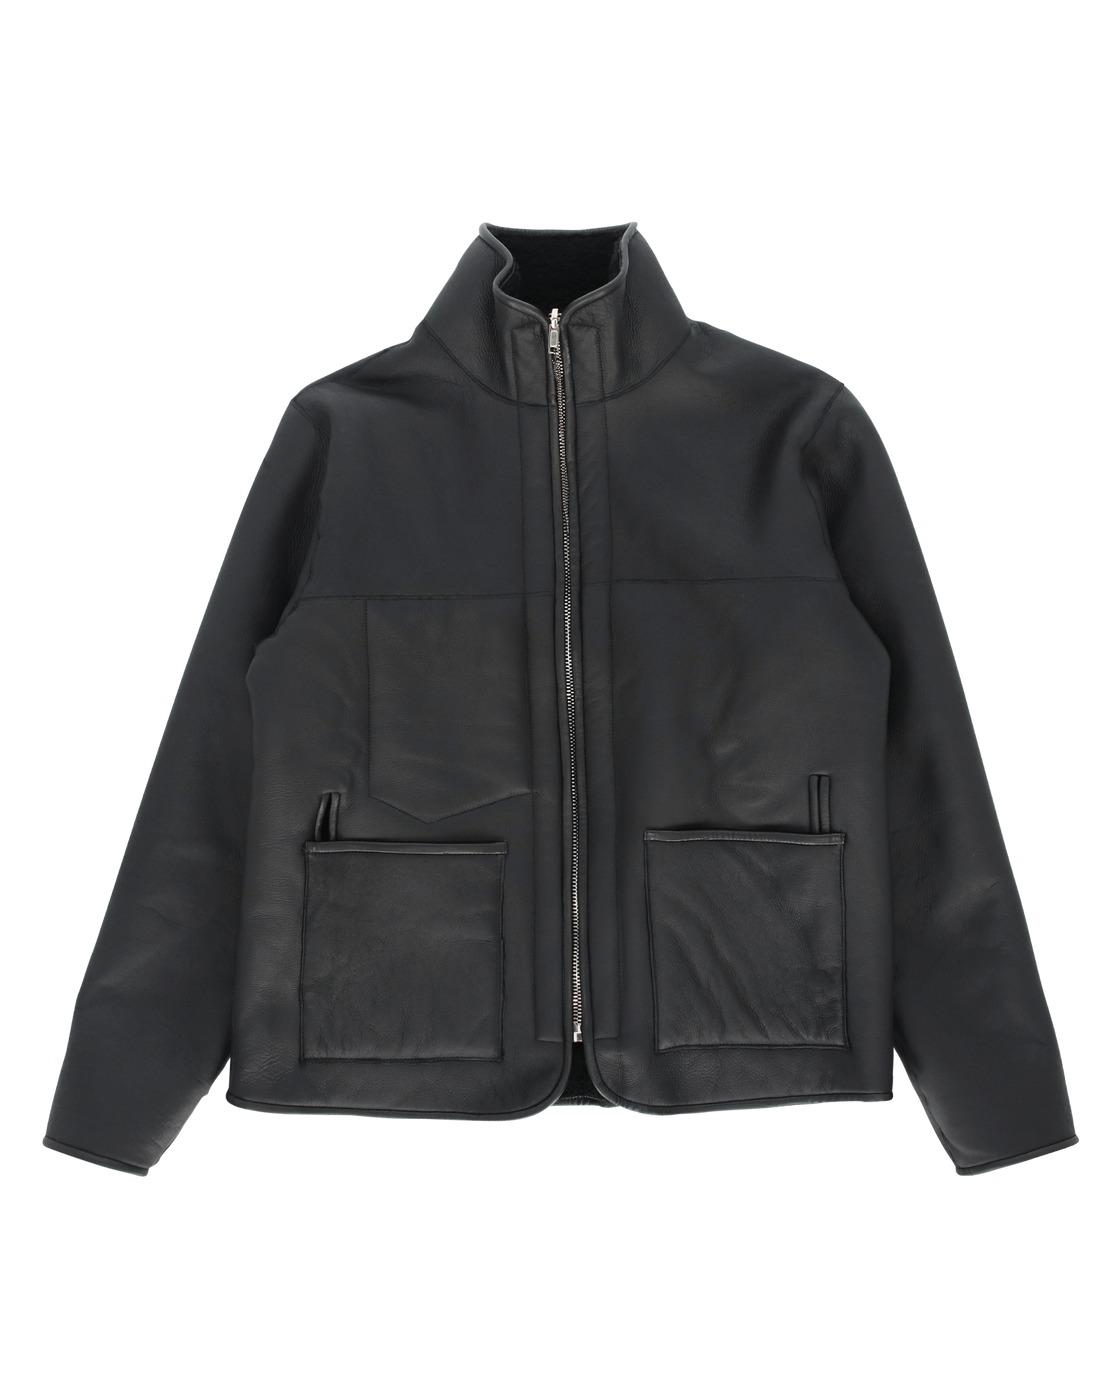 Aries Sheepskin Mesh Jacket Black